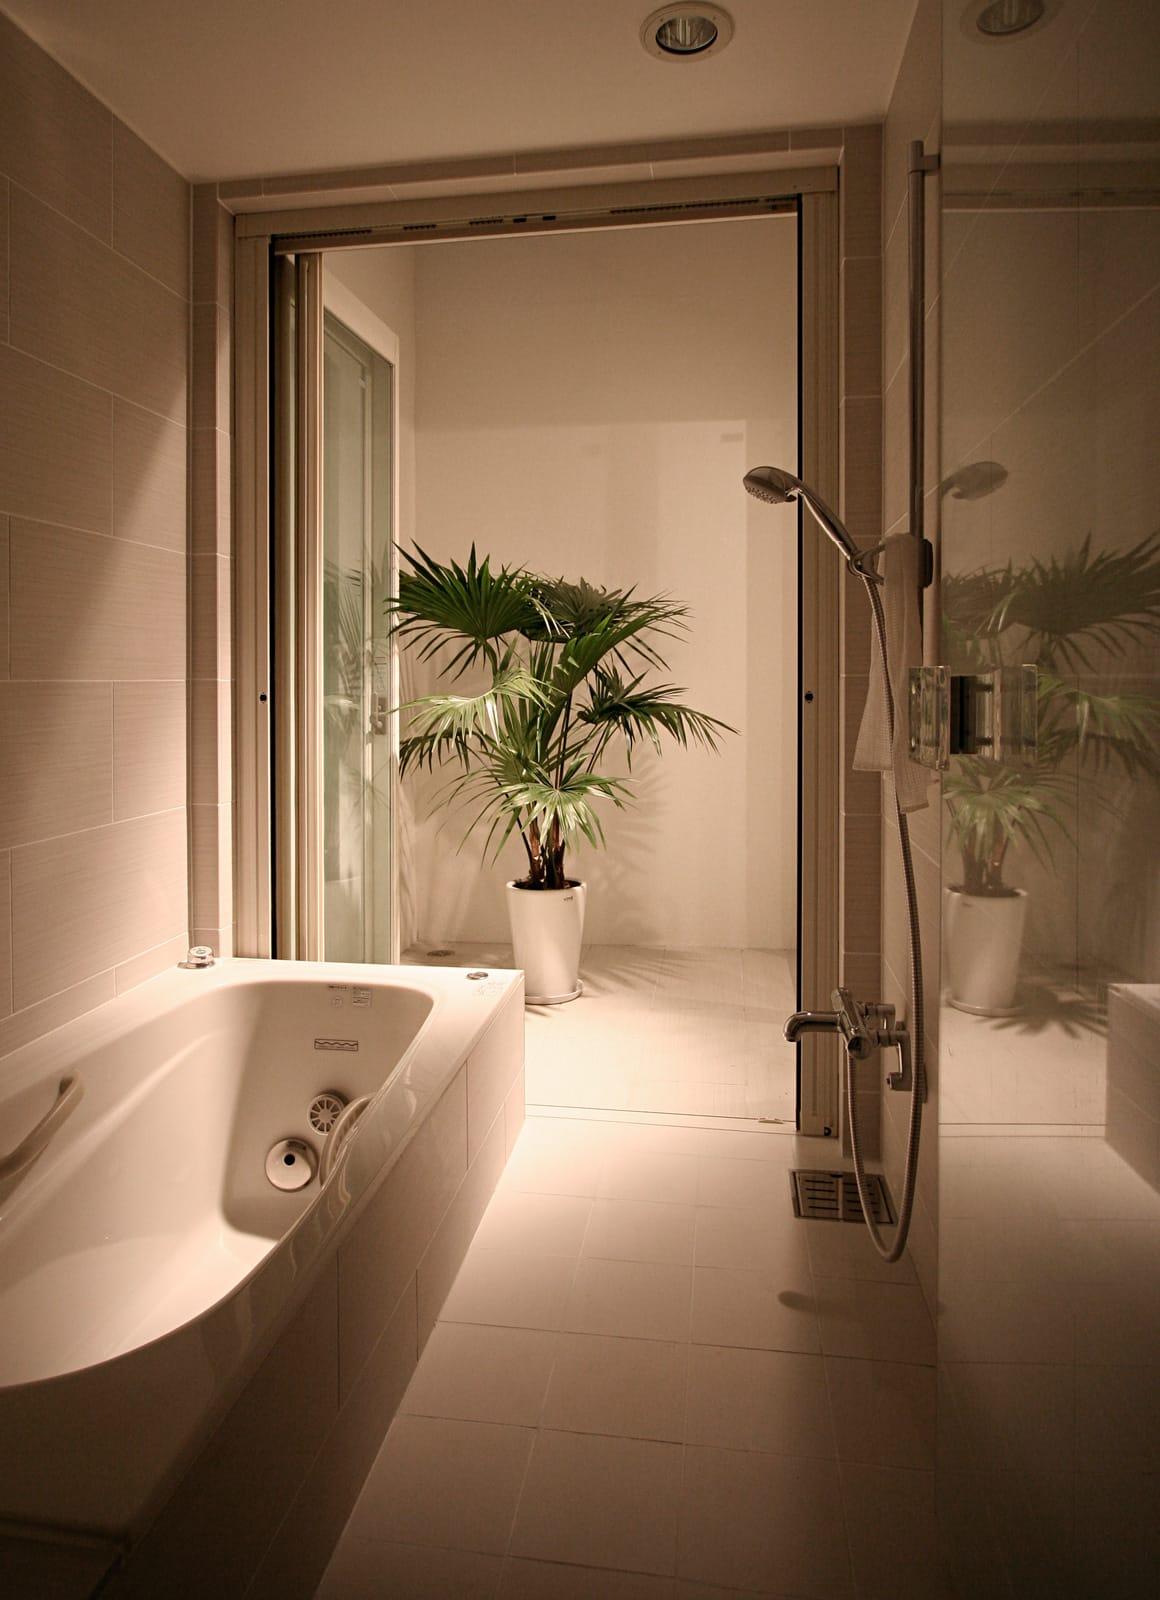 インナーテラスのある明るい住宅の中庭・インナーテラス3